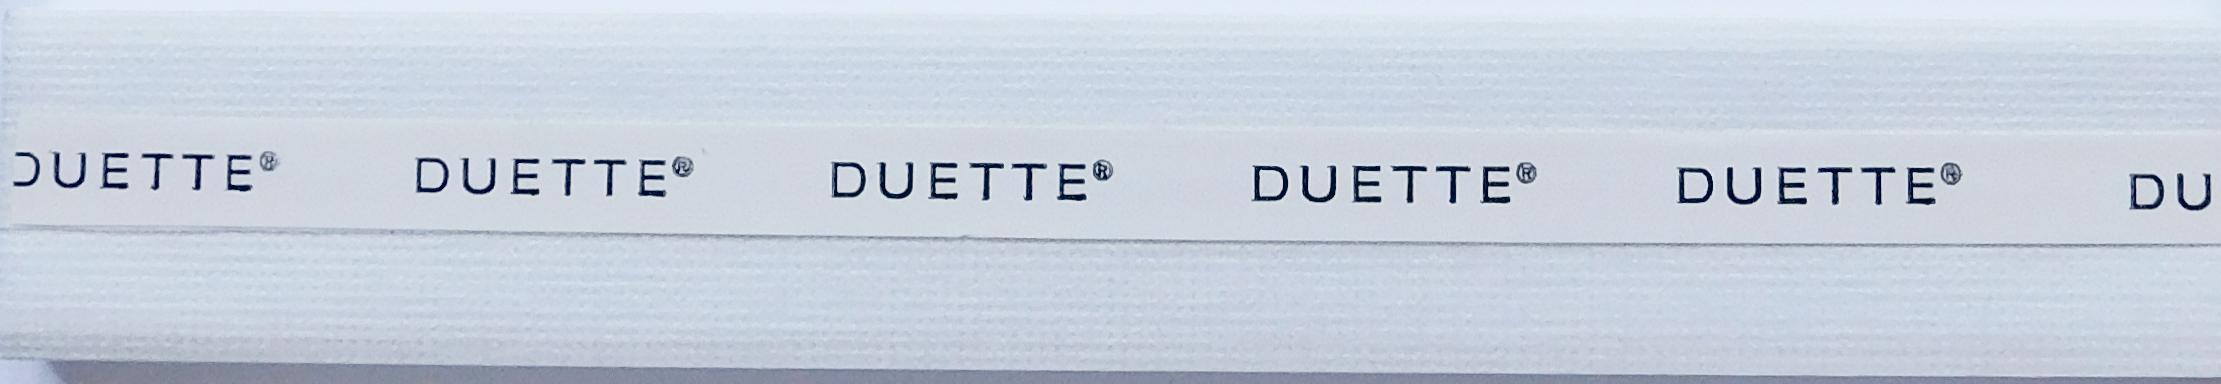 Hopsack White Duette Blind Fabric Sample